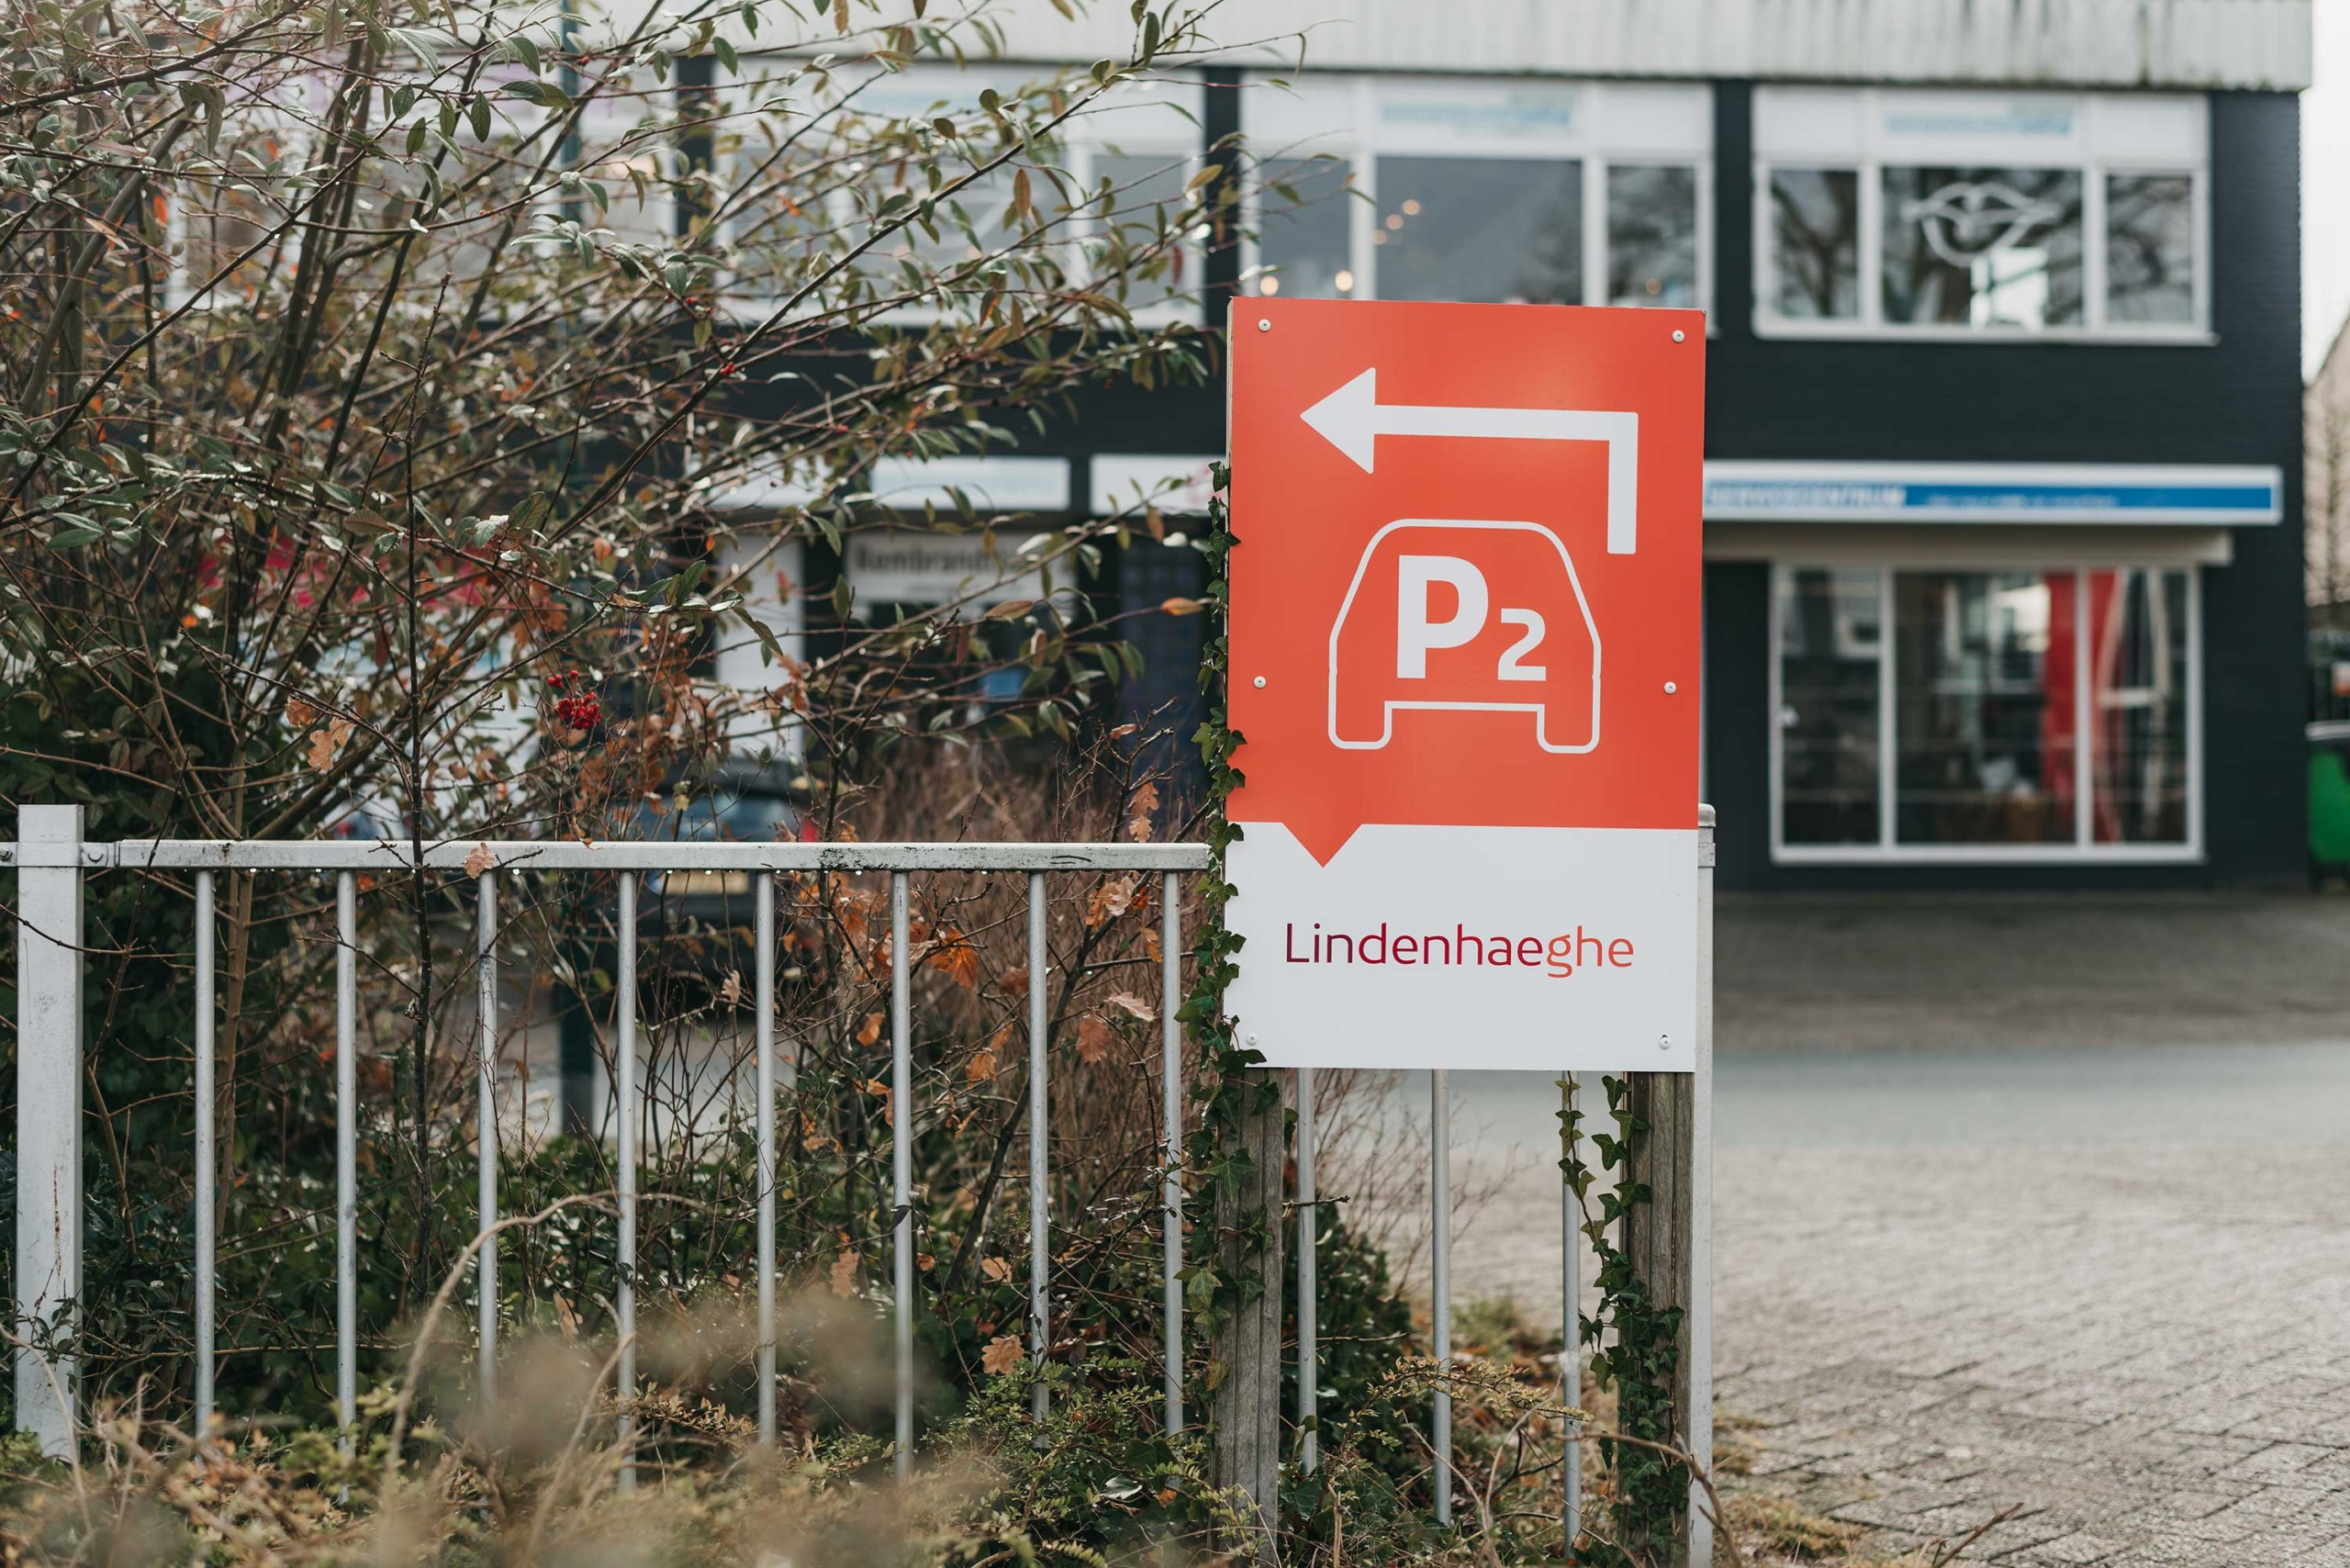 Lindenhaeghe-parkeerbordjes-P2-Signploeg